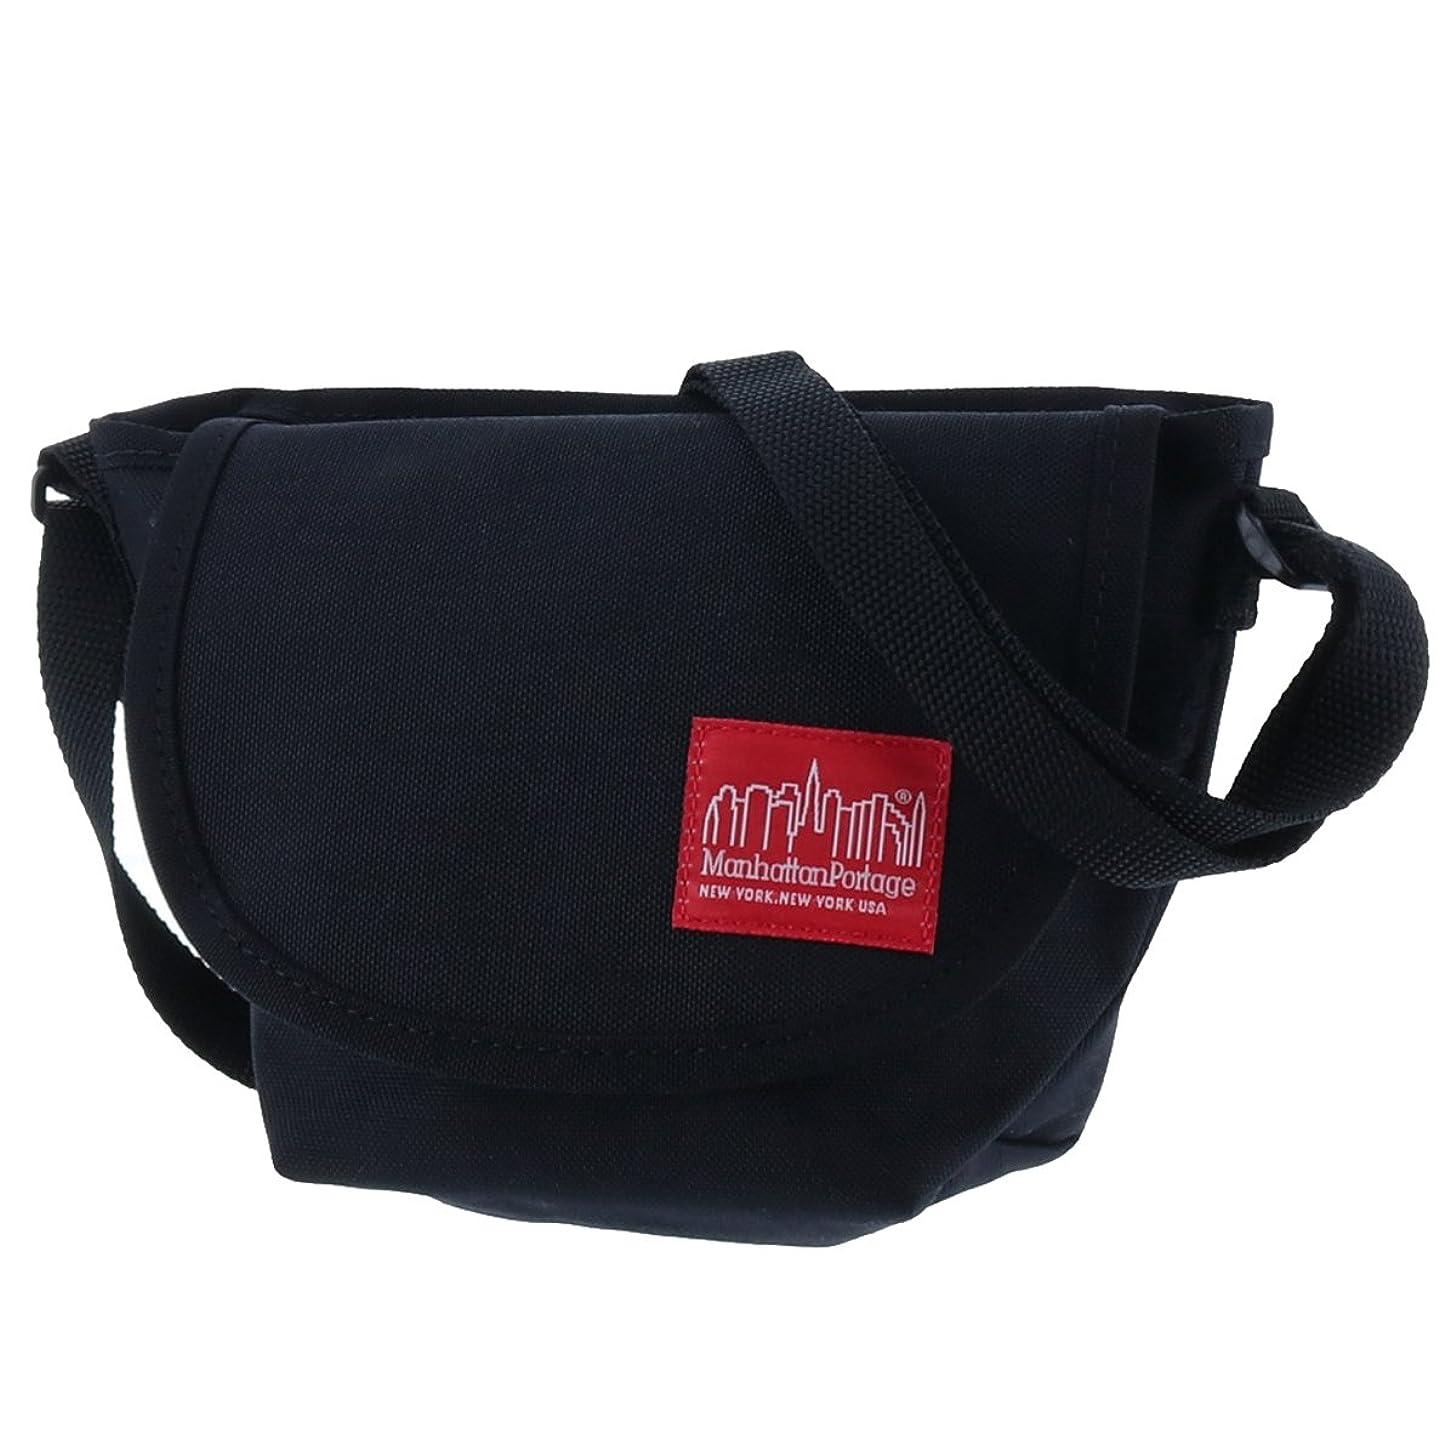 に対応踊り子ブロックする(マンハッタンポーテージ) Manhattan Portage ショルダーバッグ [コーデュラナイロン] [Mini Nylon Messenger Bag]